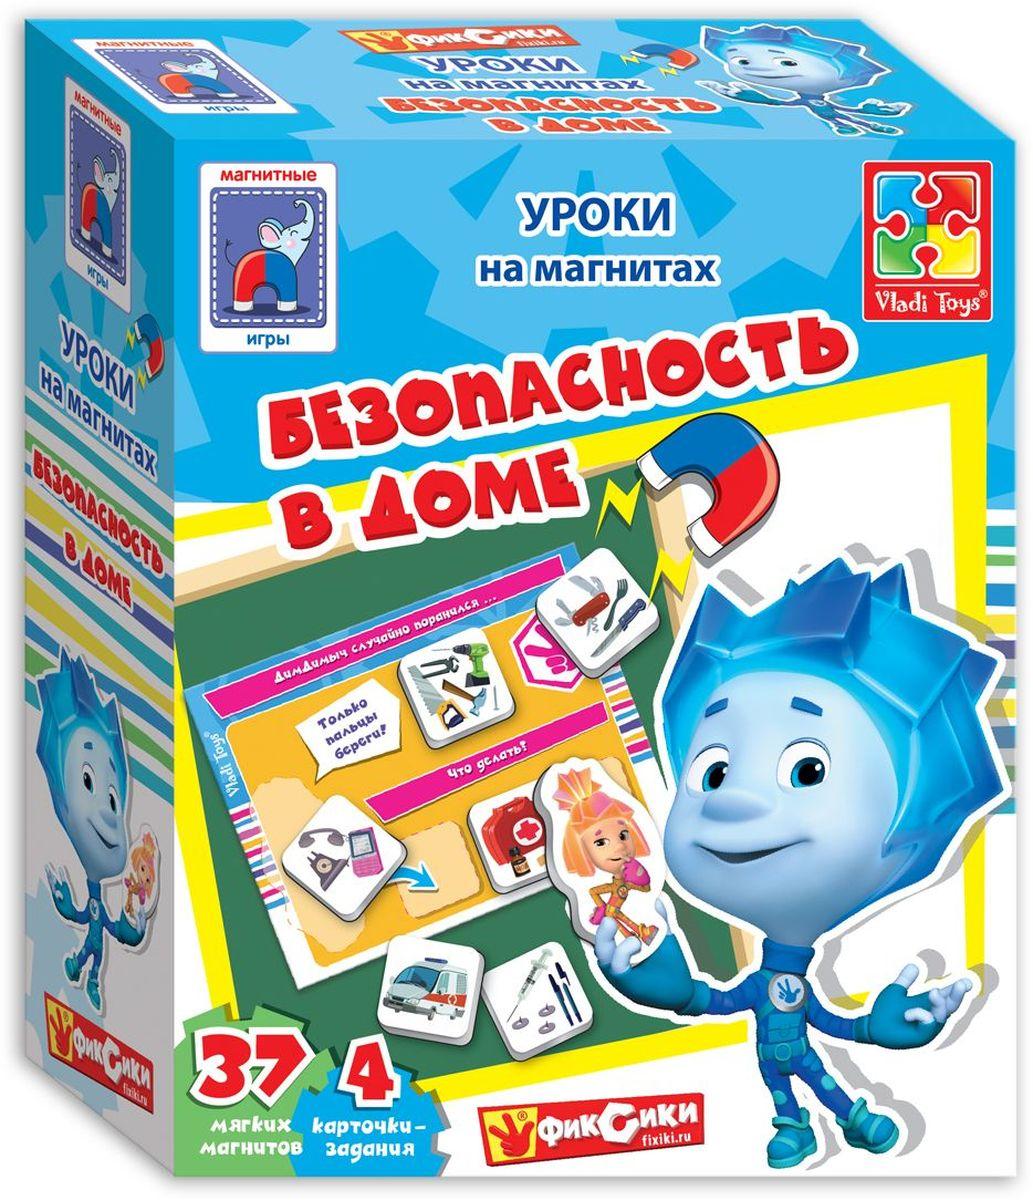 Vladi Toys Обучающая игра Безопасность в доме с ФиксикамиVT1502-15Обучающая игра Vladi Toys Безопасность в доме с Фиксиками - это магнитная игра с любимыми персонажами. Во время игры ребенок легко и весело выучит основные правила поведения с бытовыми приборами, химией и лекарствами, поймет, как действовать в экстренных бытовых ситуациях. В набор входят 4 магнита-персонажа, 33 тематических магнита, 4 карточки с заданиями и книжка-пособие с заданиями.